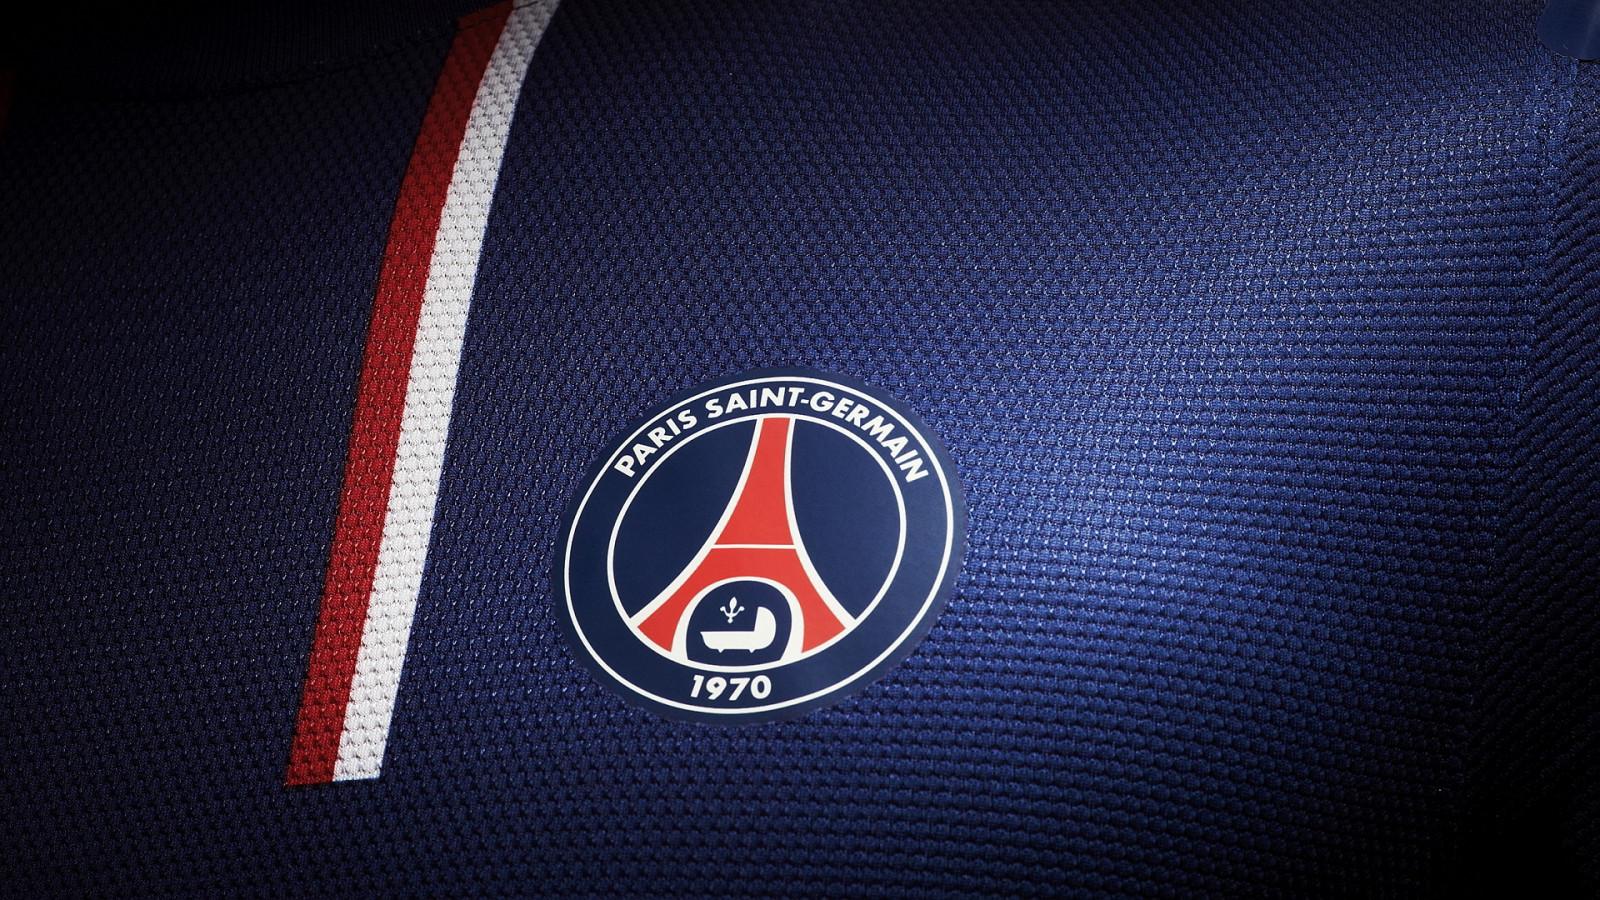 โลโก้ วงกลม ยี่ห้อ เสื้อผ้า ปารีสแซงต์แชร์กแมง สัญลักษณ์ ตัวอักษร เครื่องหมายการค้า สโมสรฟุตบอล